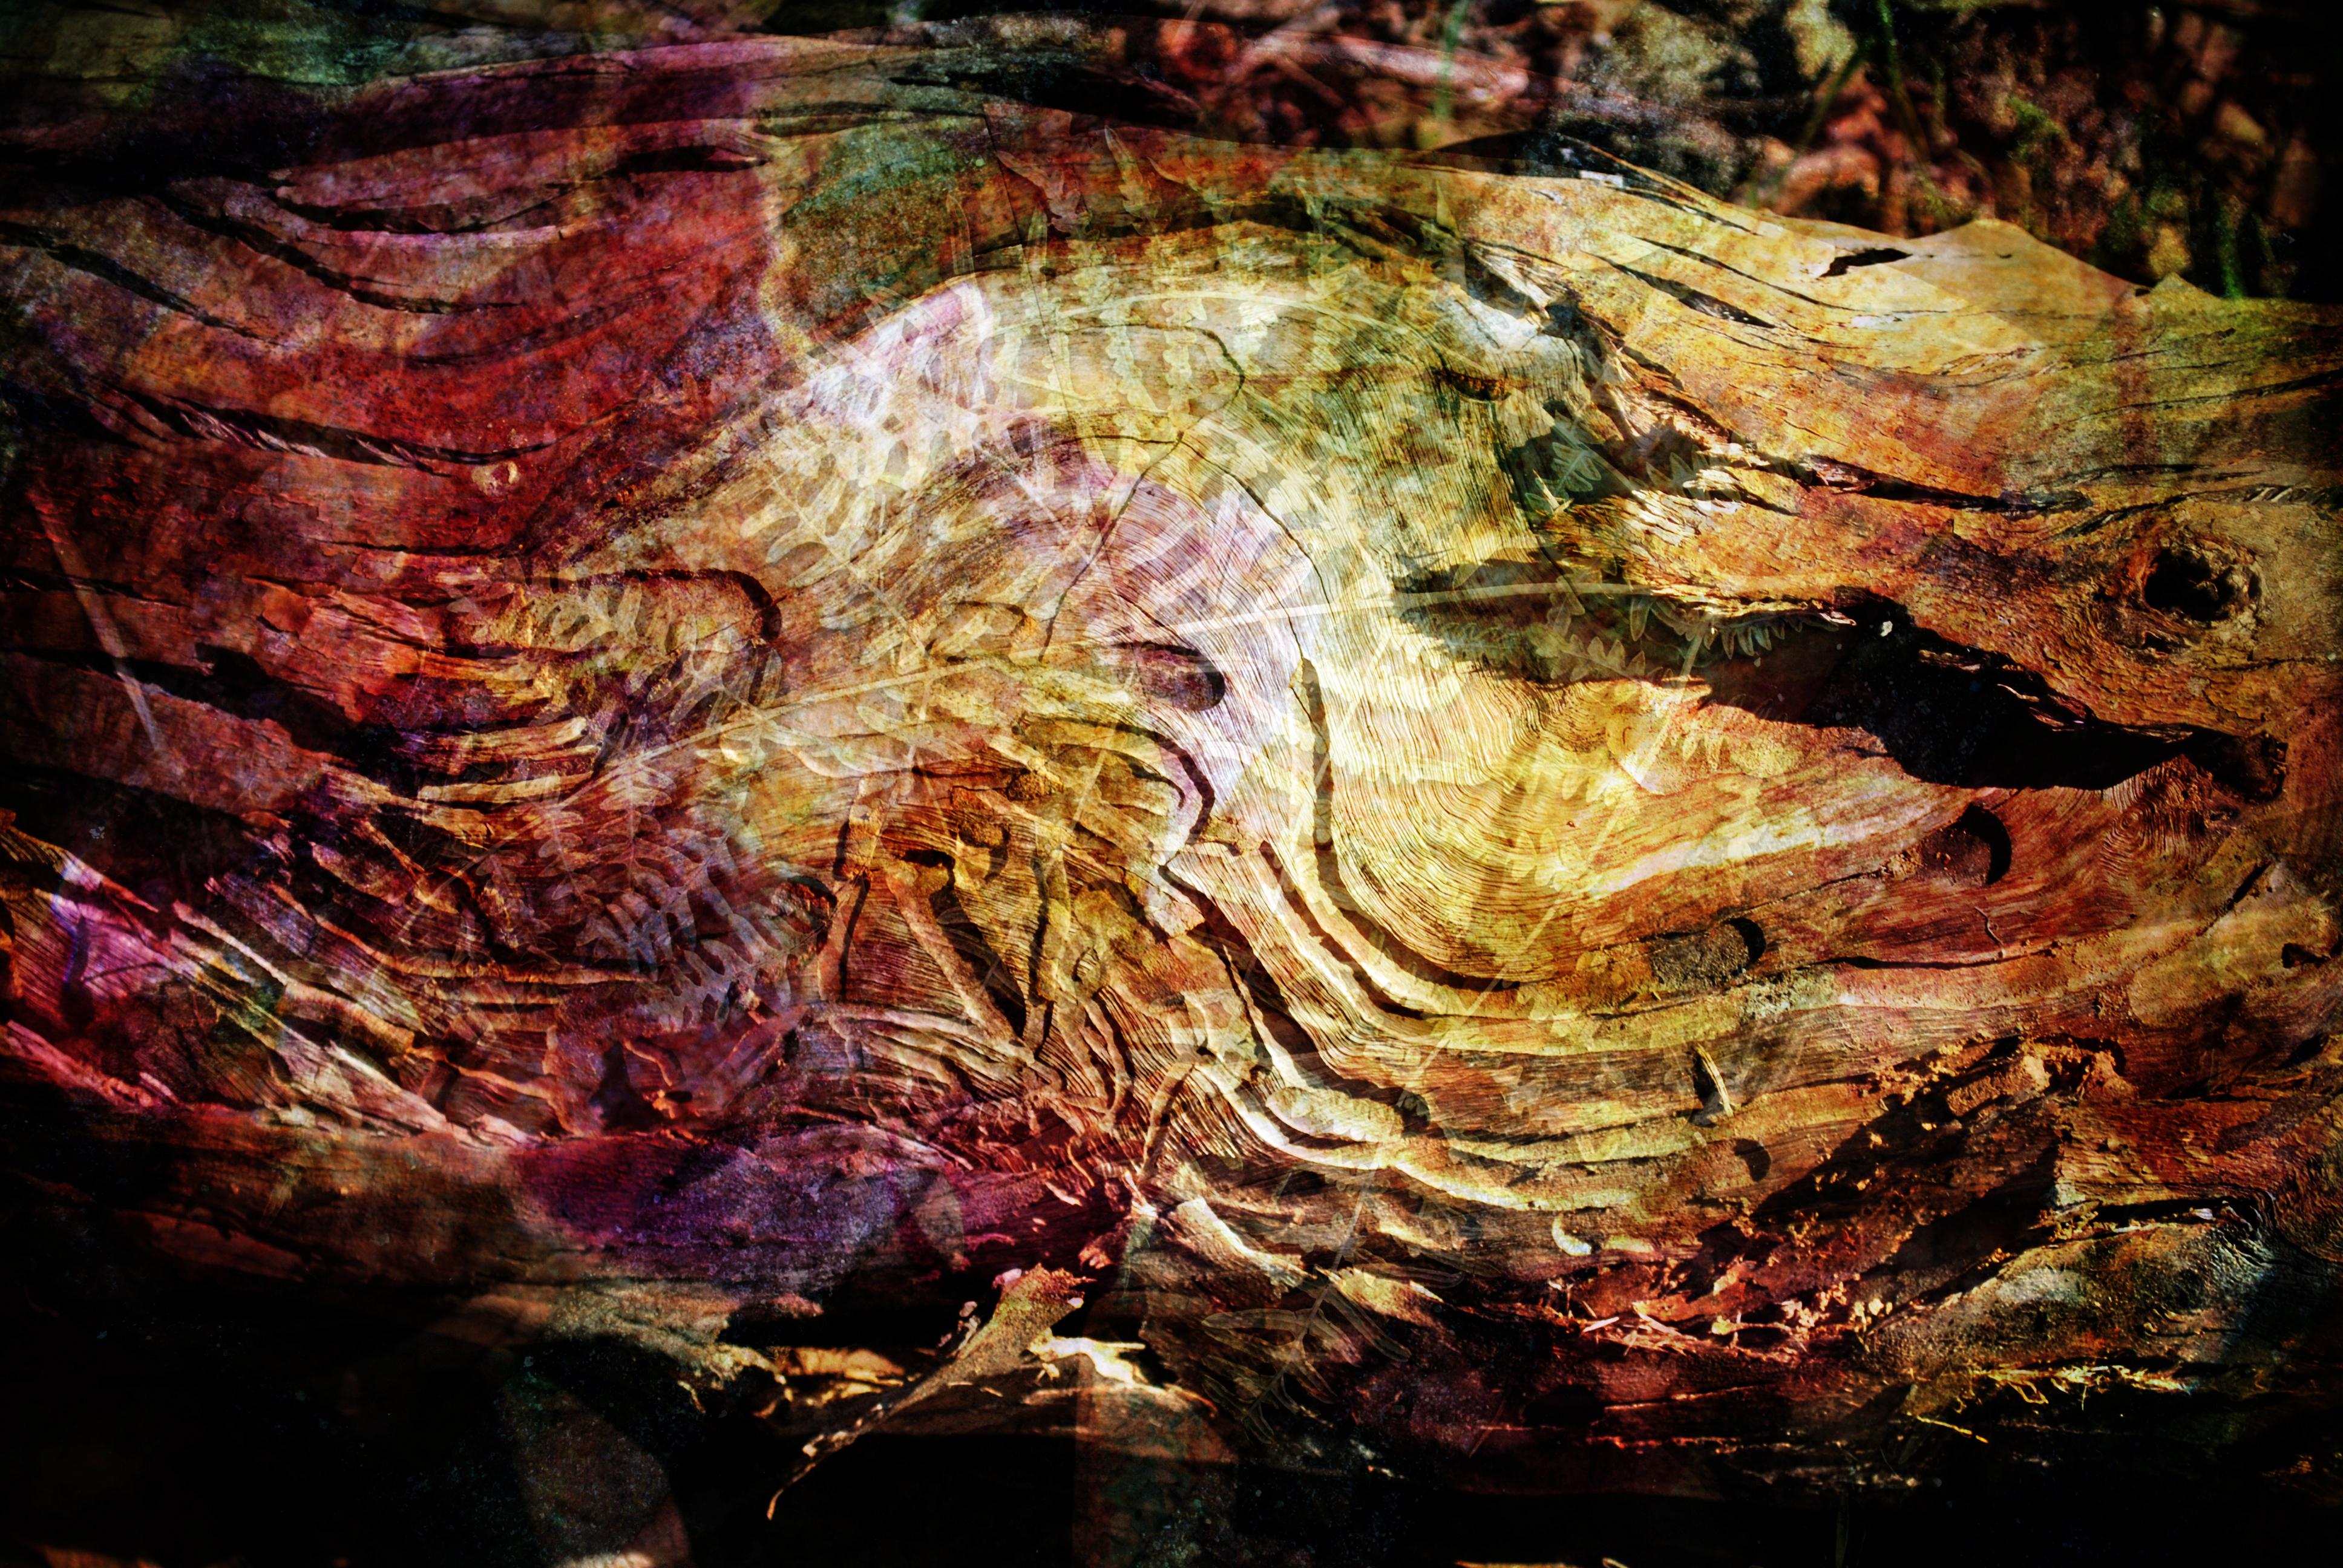 Fallen tree fern collage